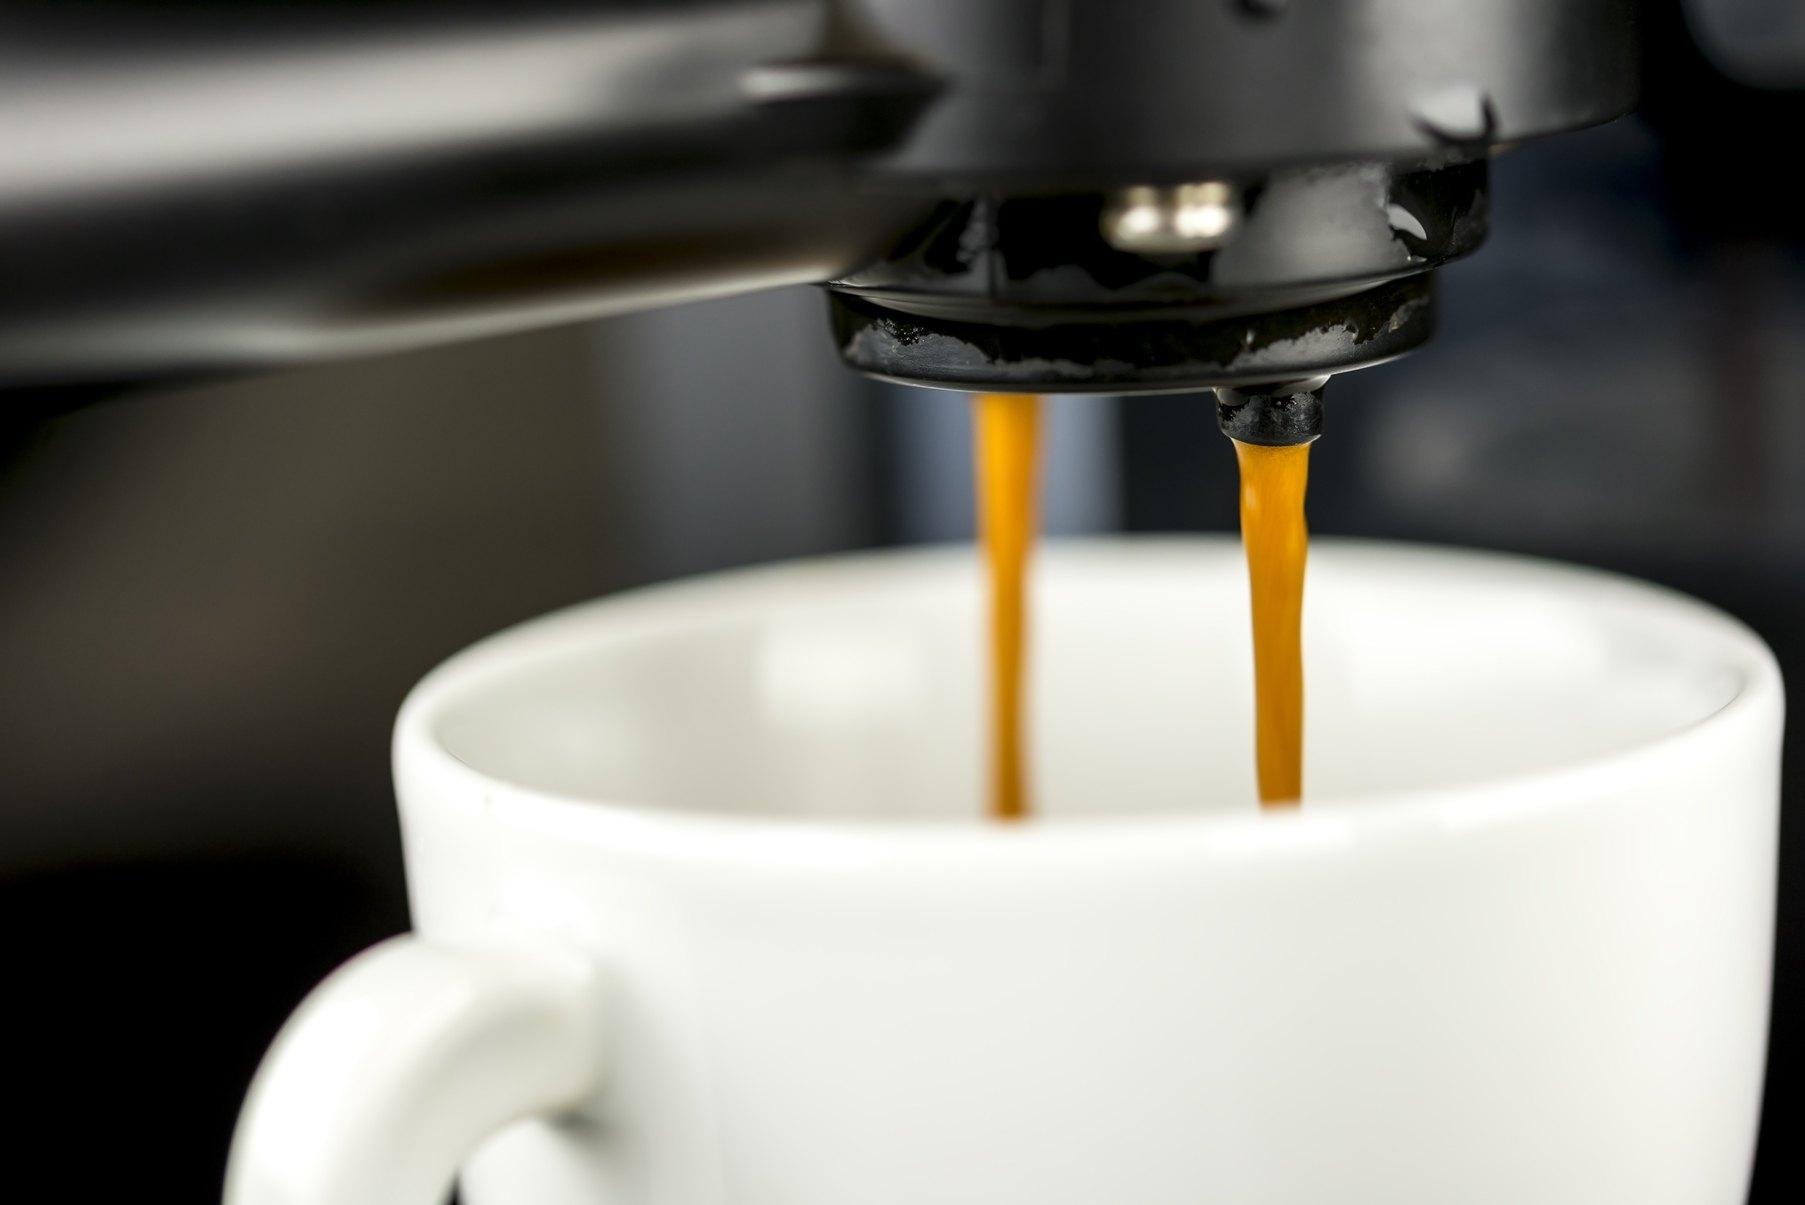 Macchina del caff per casa quale scegliere agrodolce - Macchina del caffe bar ...